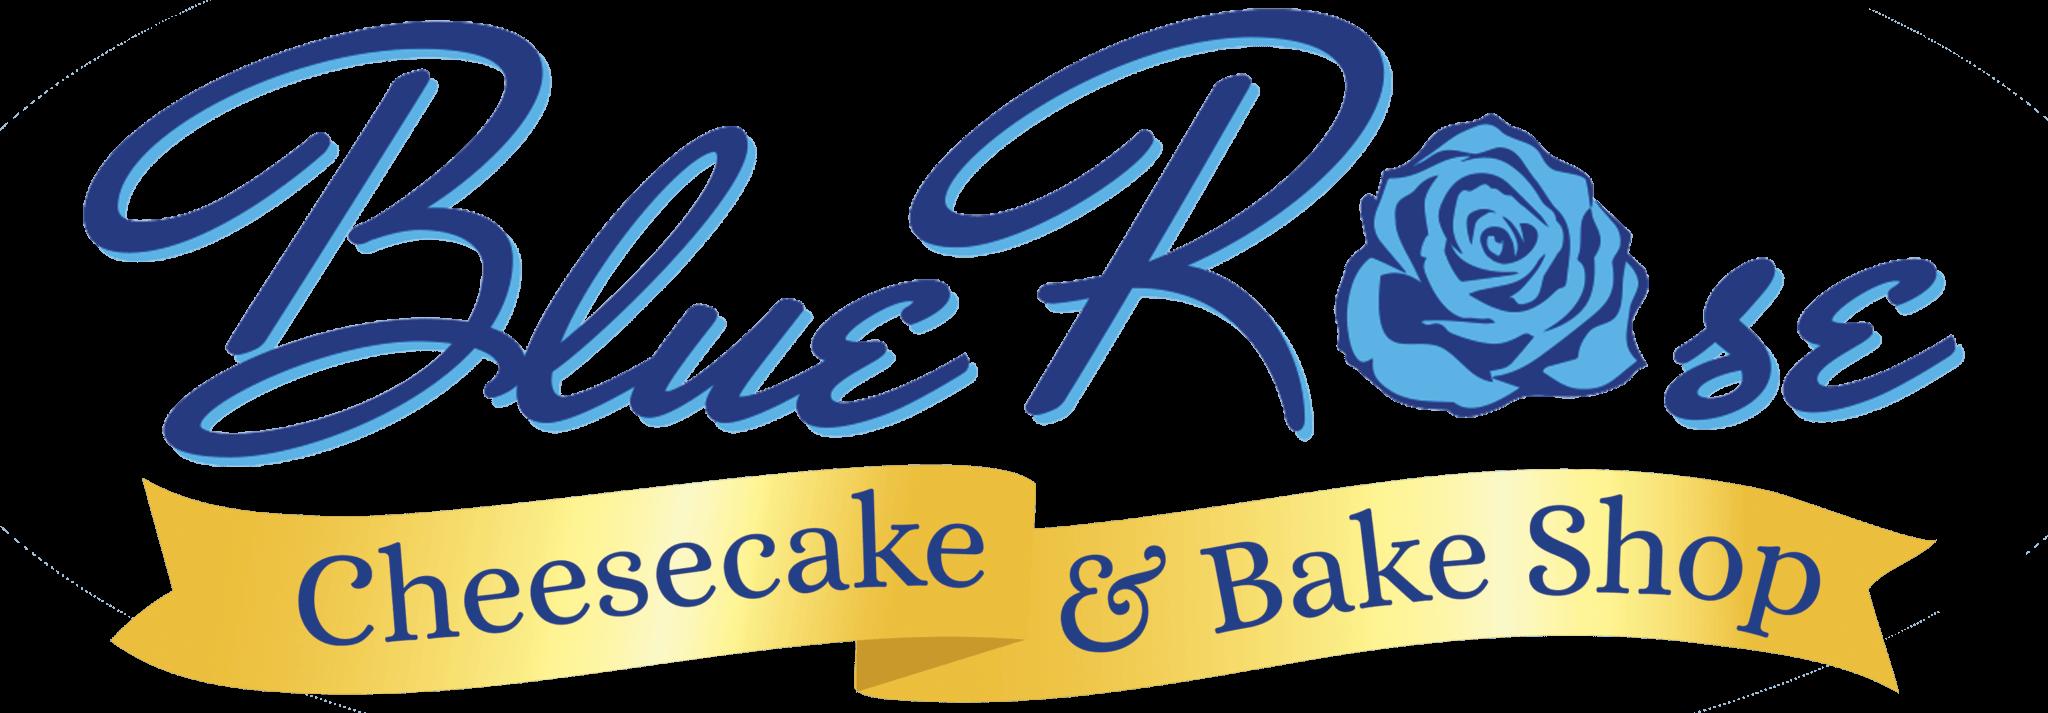 Blue Rose Cheesecake & Bake Shop - Schenectady, NY